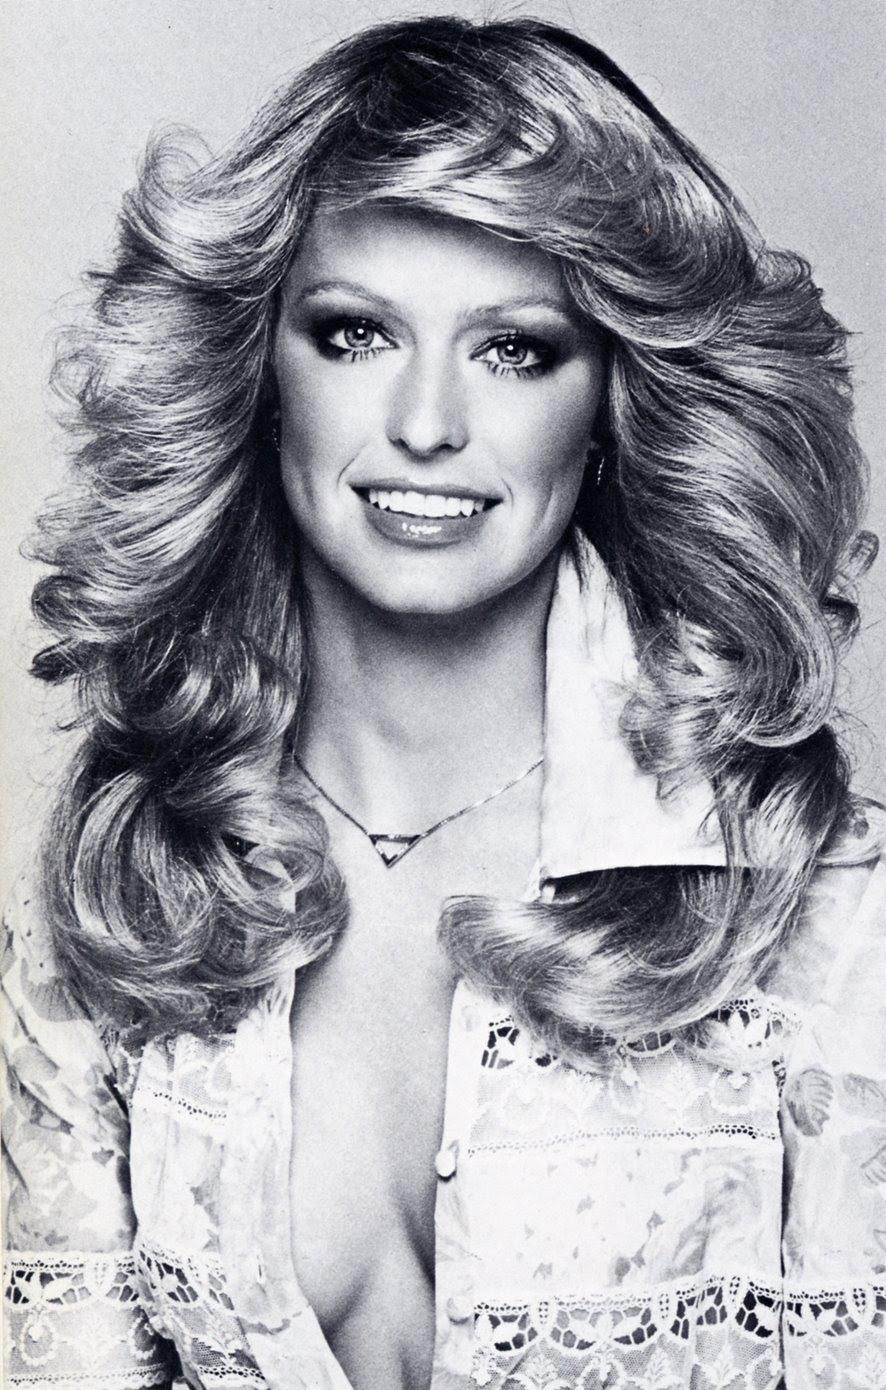 Lil Blonde Darling Farrah Fawcett Darian Darling A